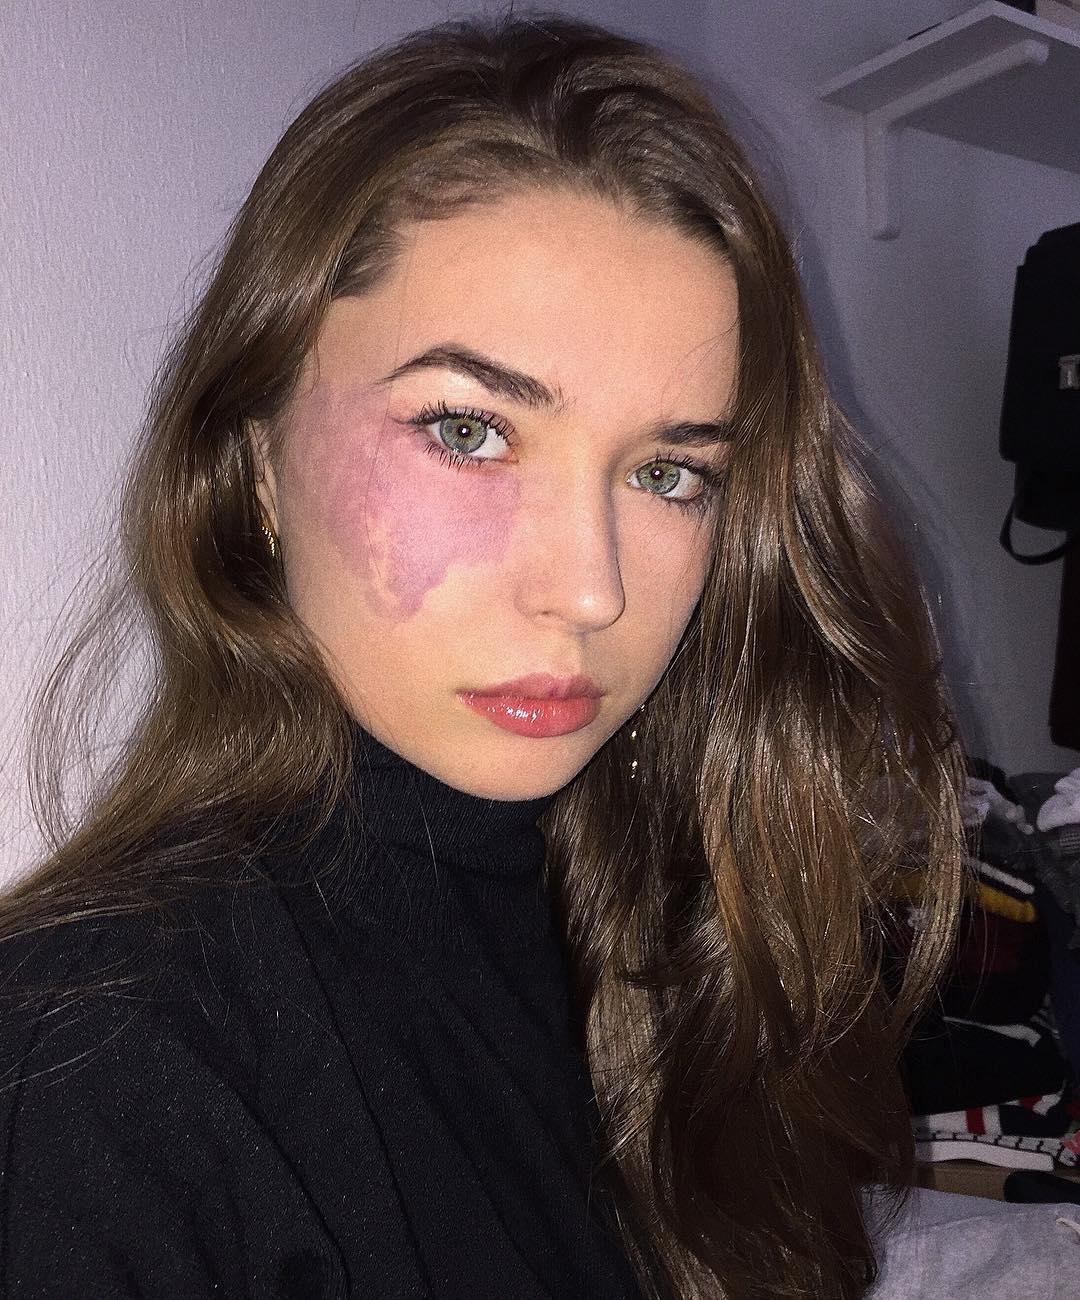 vörös foltokkal az arcán született